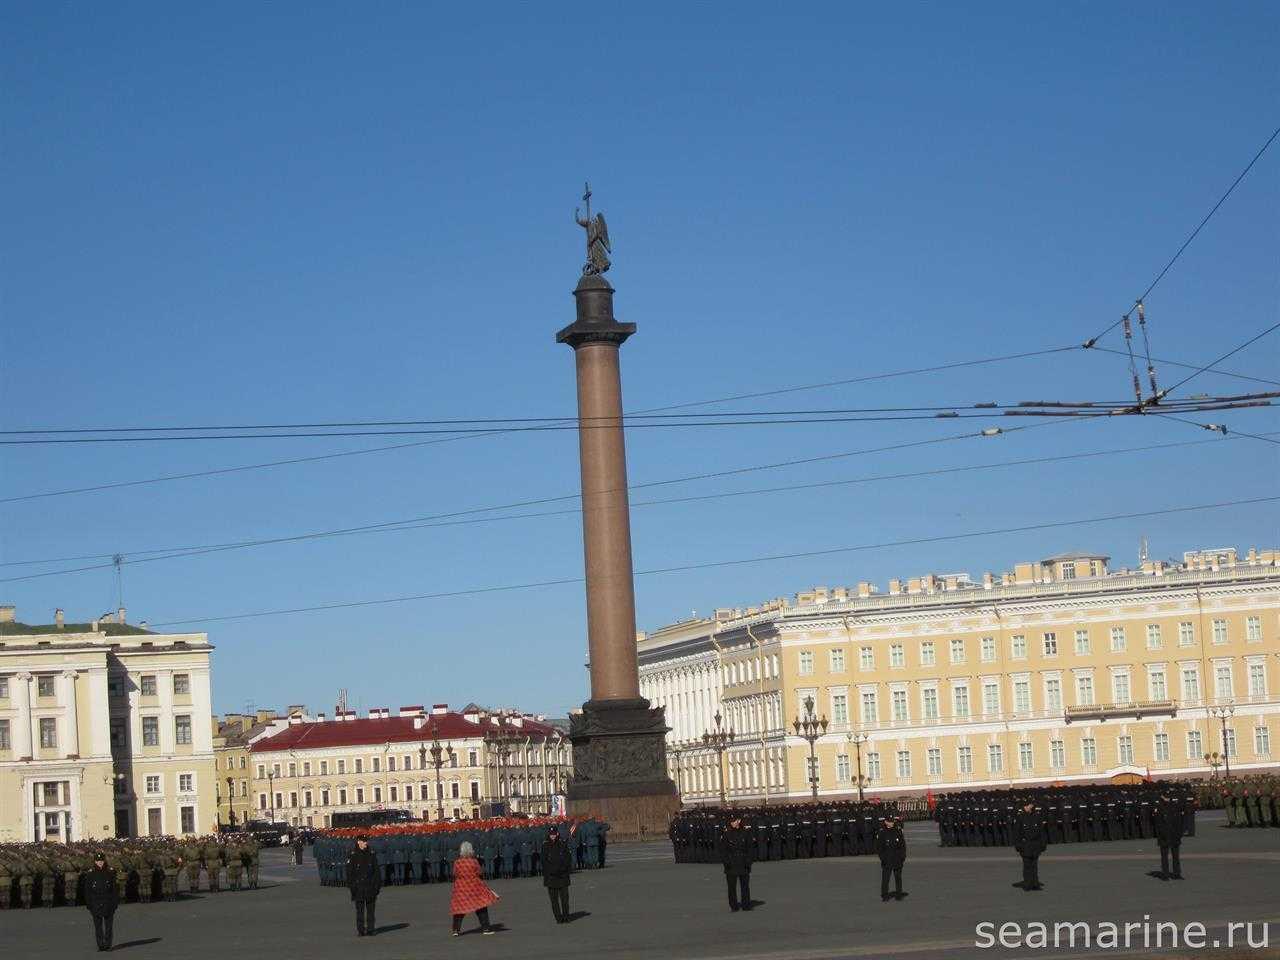 Путешествие в Санкт-Петербург. Дворцовая площадь